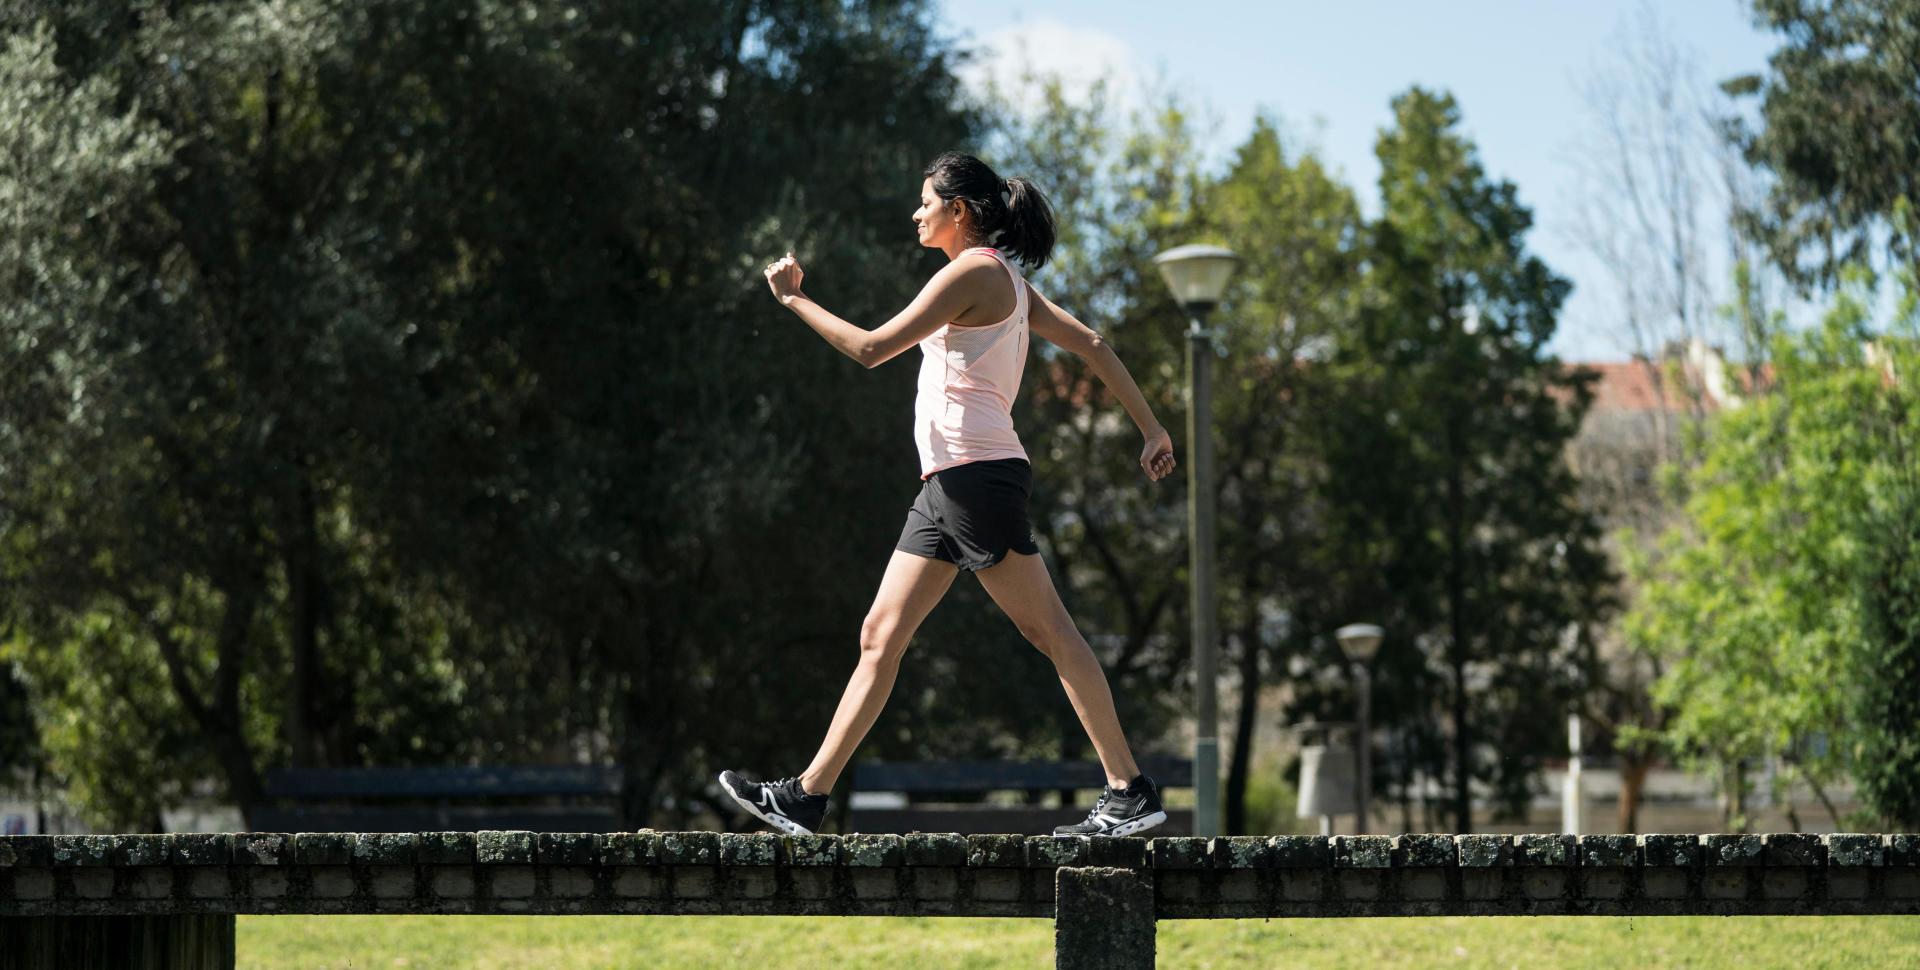 réduire la graisse sur les jambes rapidemente